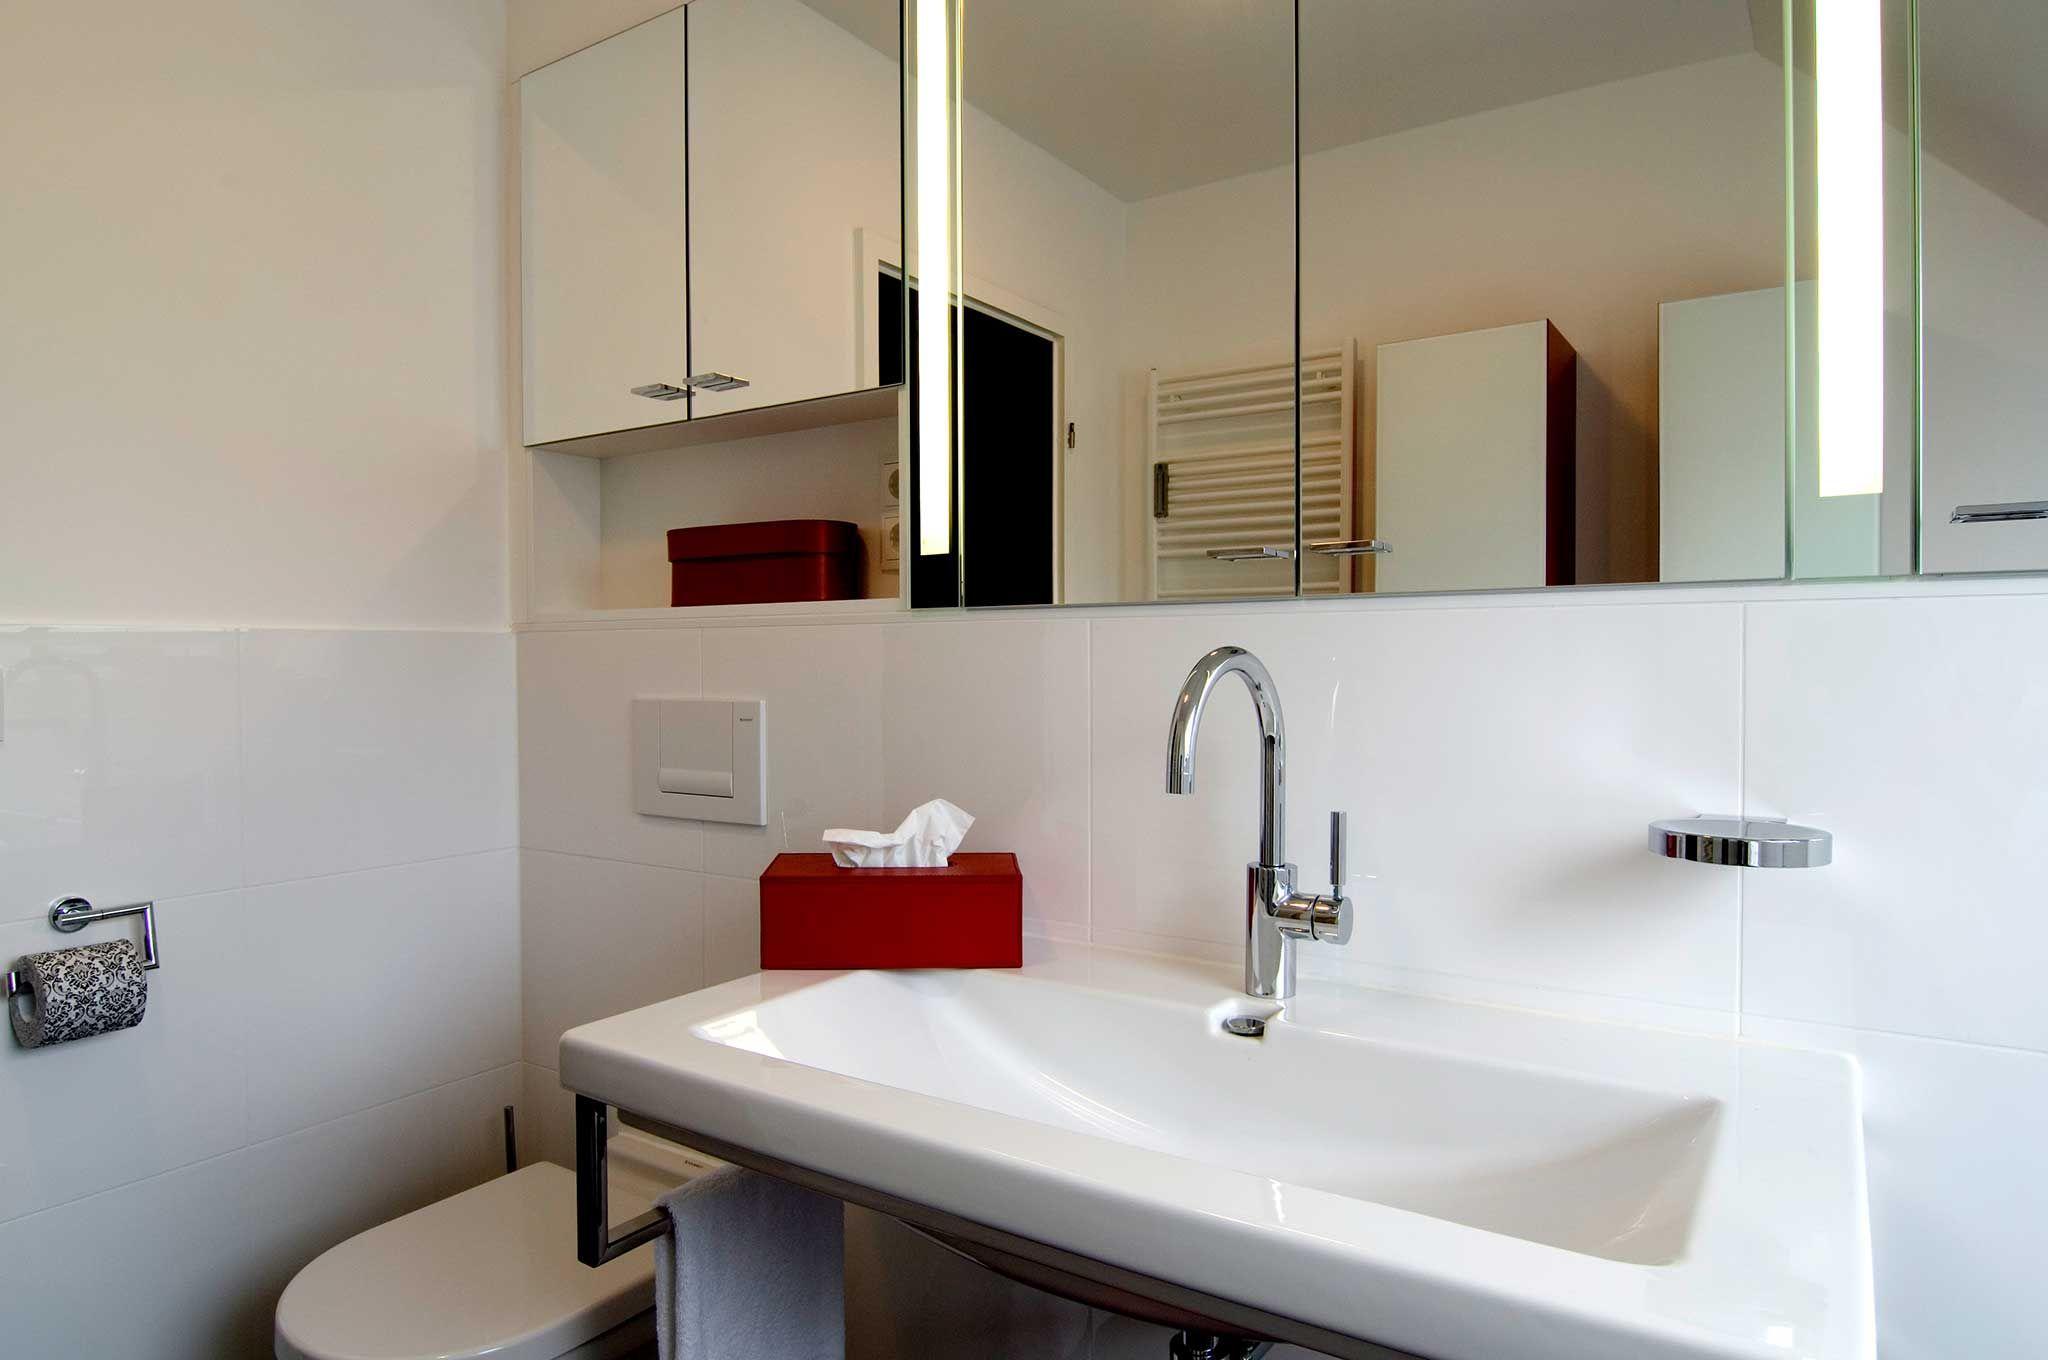 Heimwohl Badezimmer Spiegelschrank Dachschrage Badezimmer